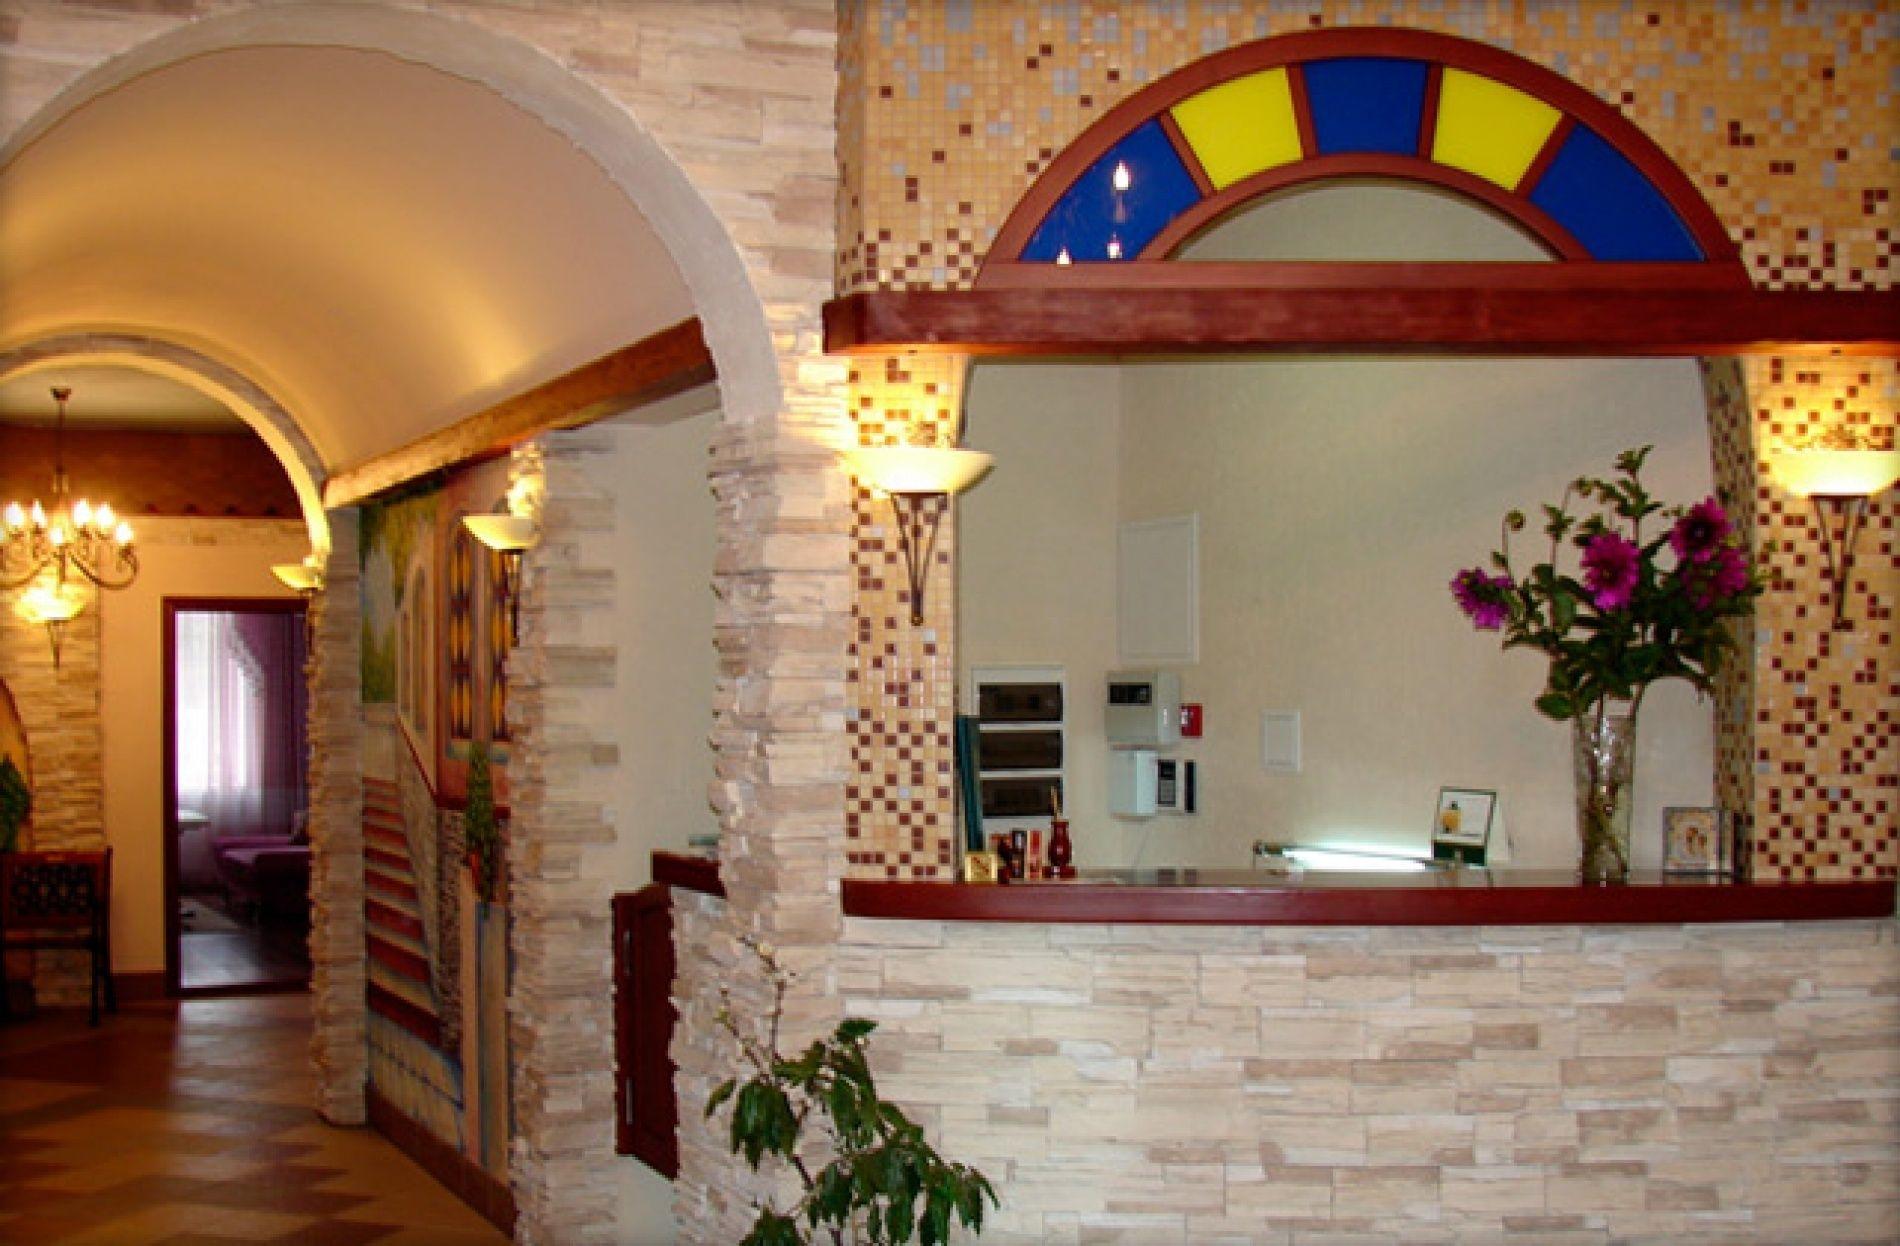 """Гостиница """"Family hotel"""" Курганская область, фото 13"""